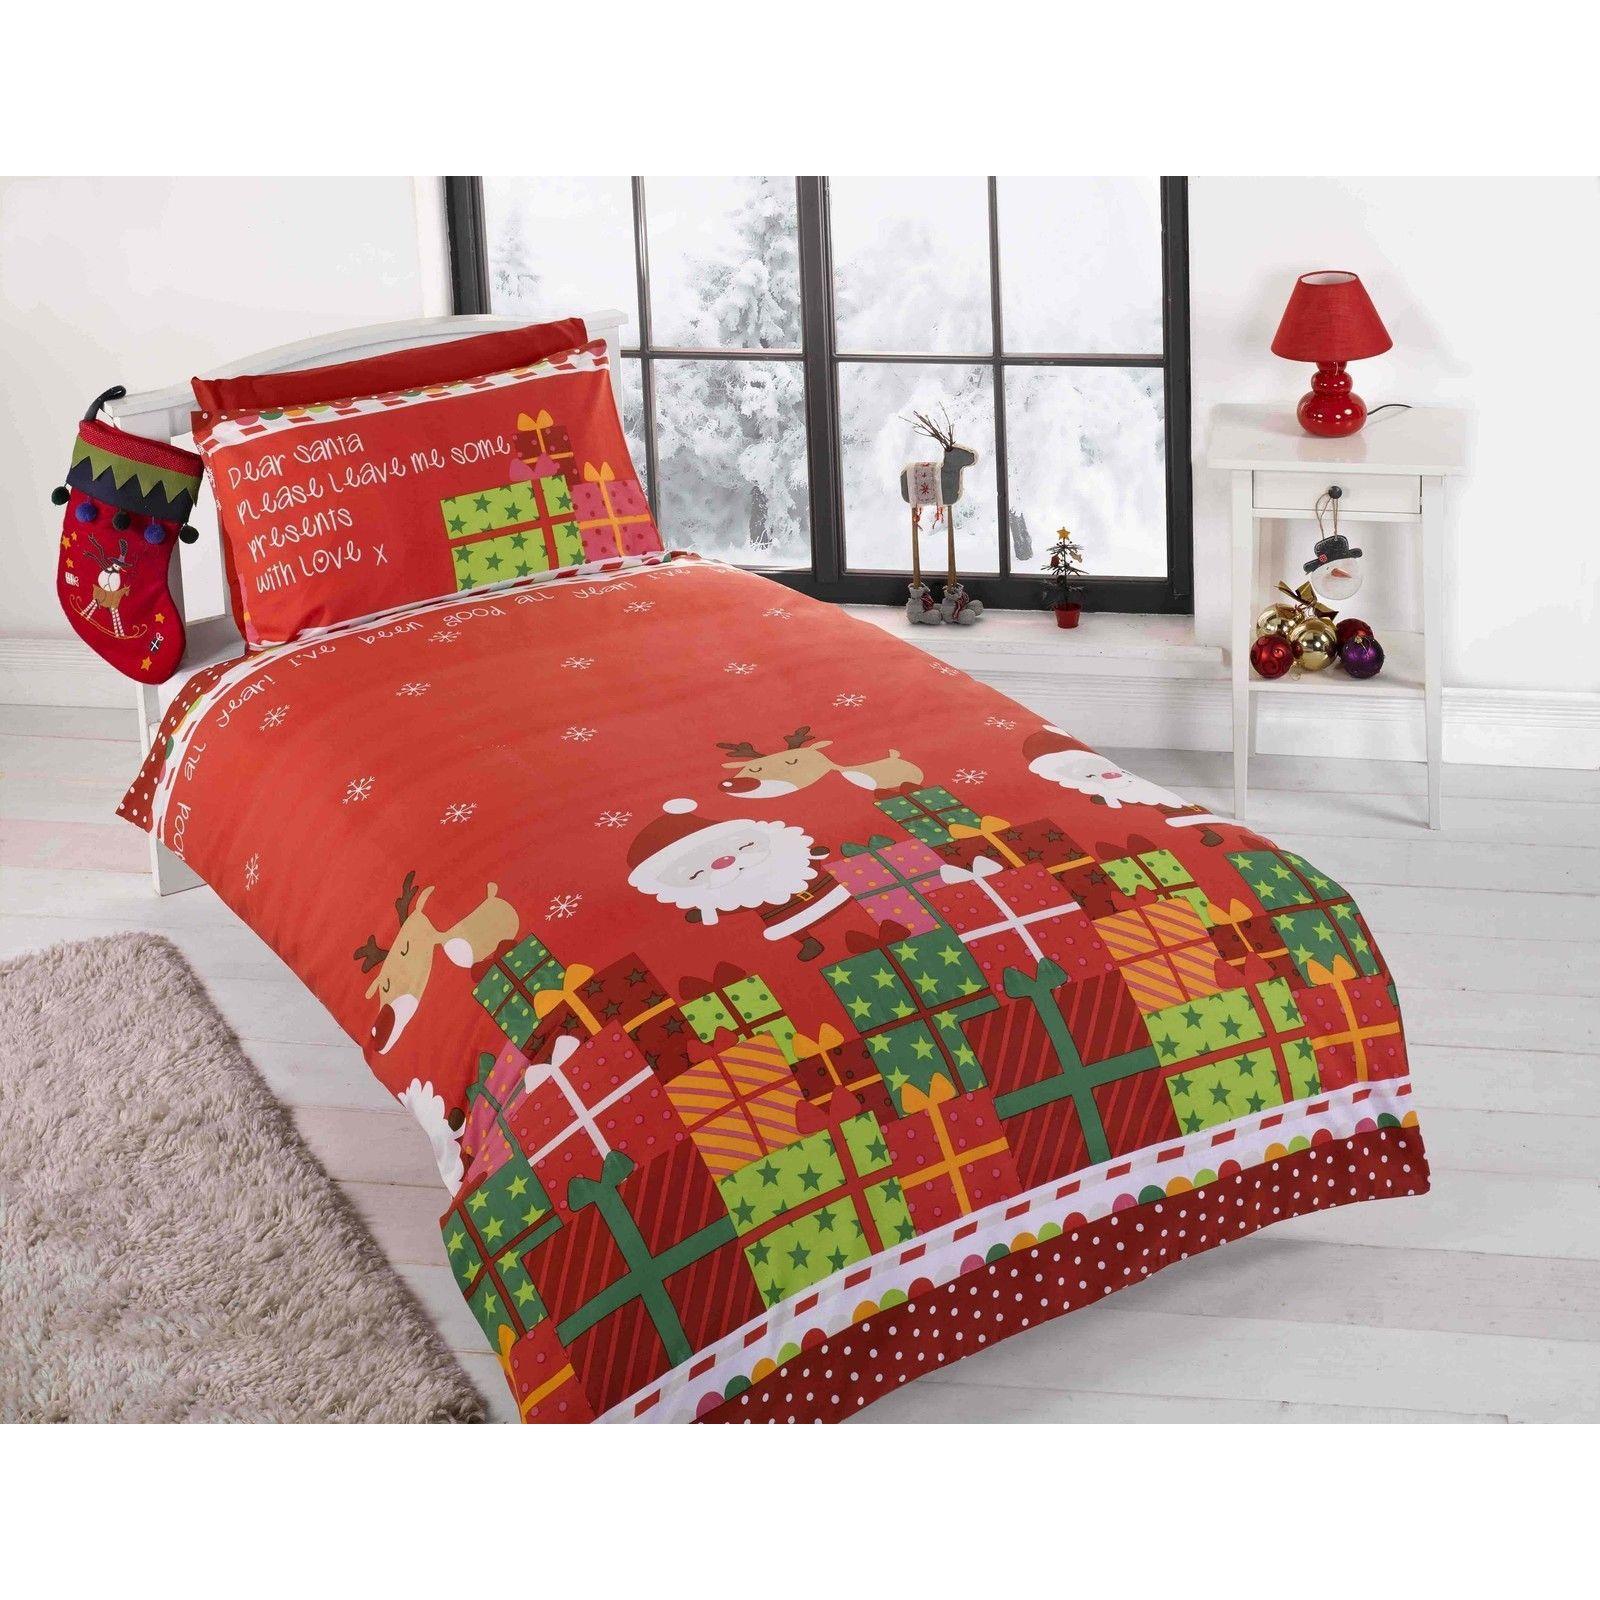 Indexbild 17 - Kinder Weihnachten Bettbezug Sets - Junior Einzel Doppel King - Elf Emoji Grinch